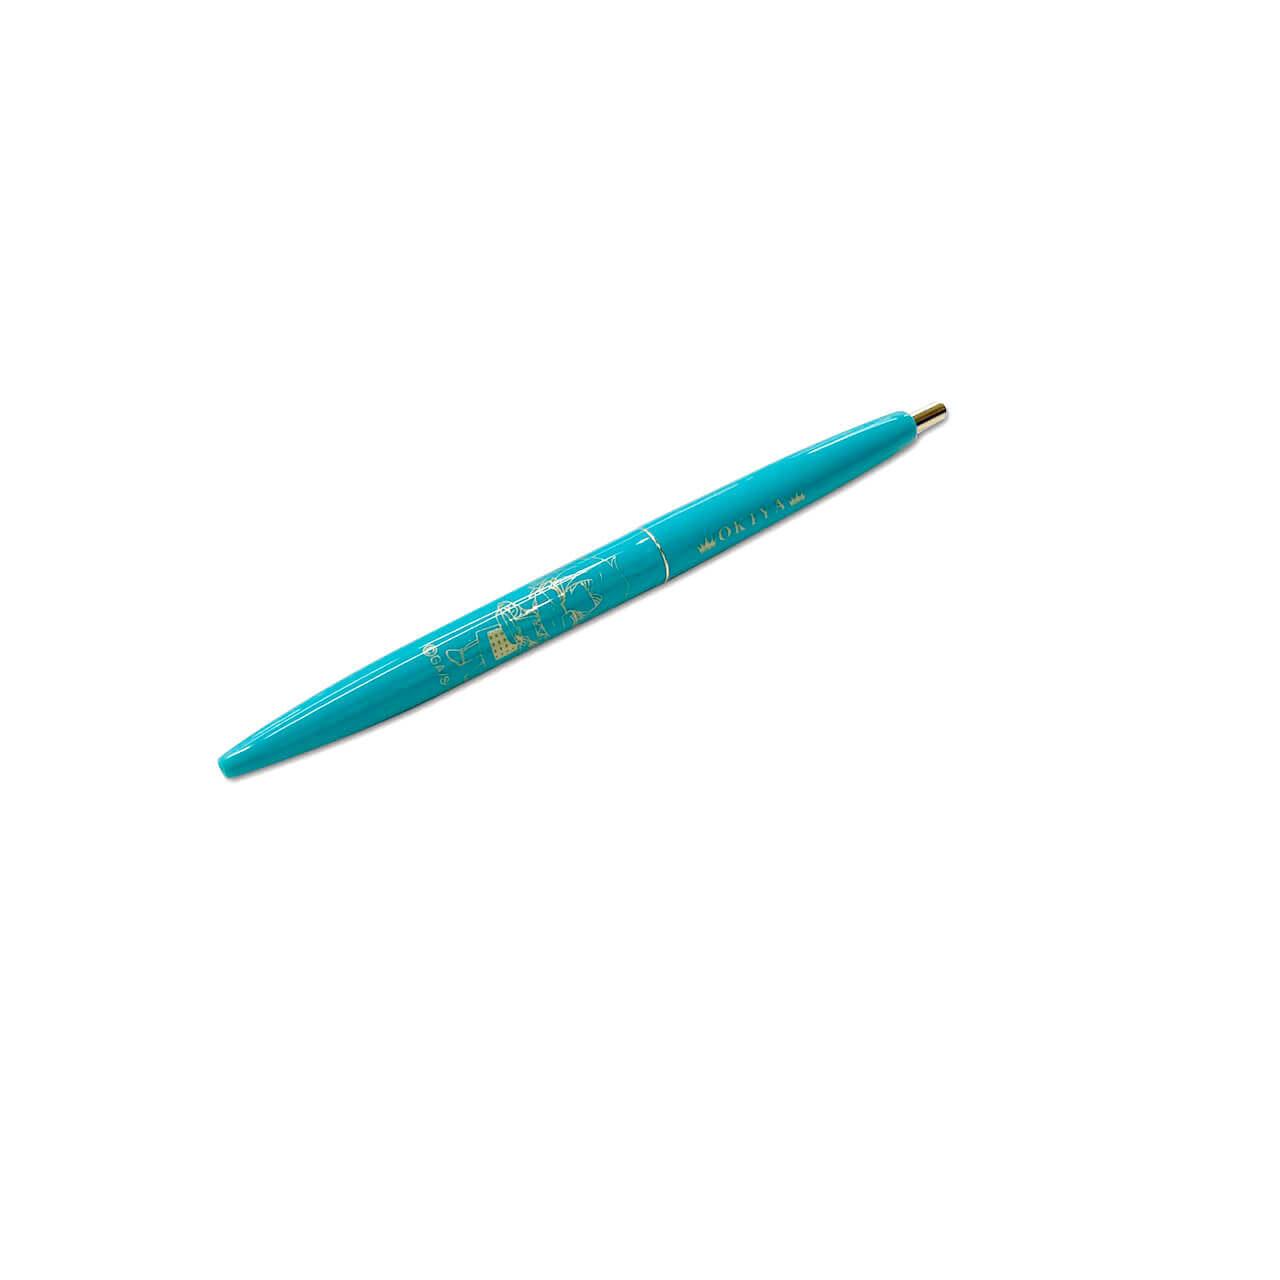 名探偵コナンカフェ2020のBICボールペン(沖矢昴ウィーク)